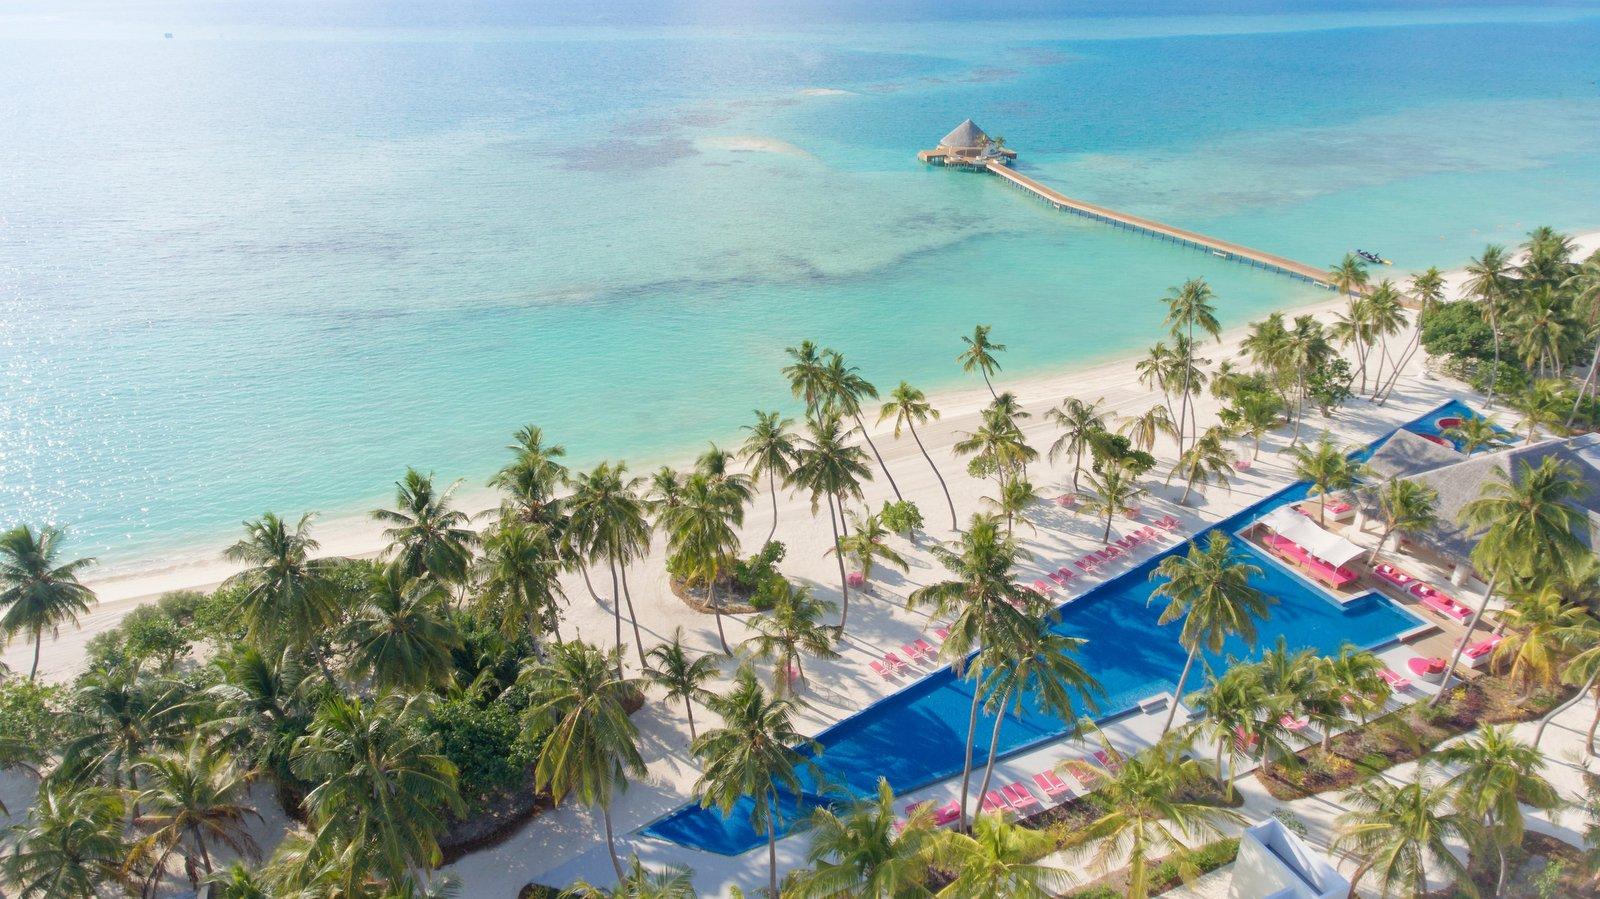 Мальдивы, отель Kandima Maldives, бассейн